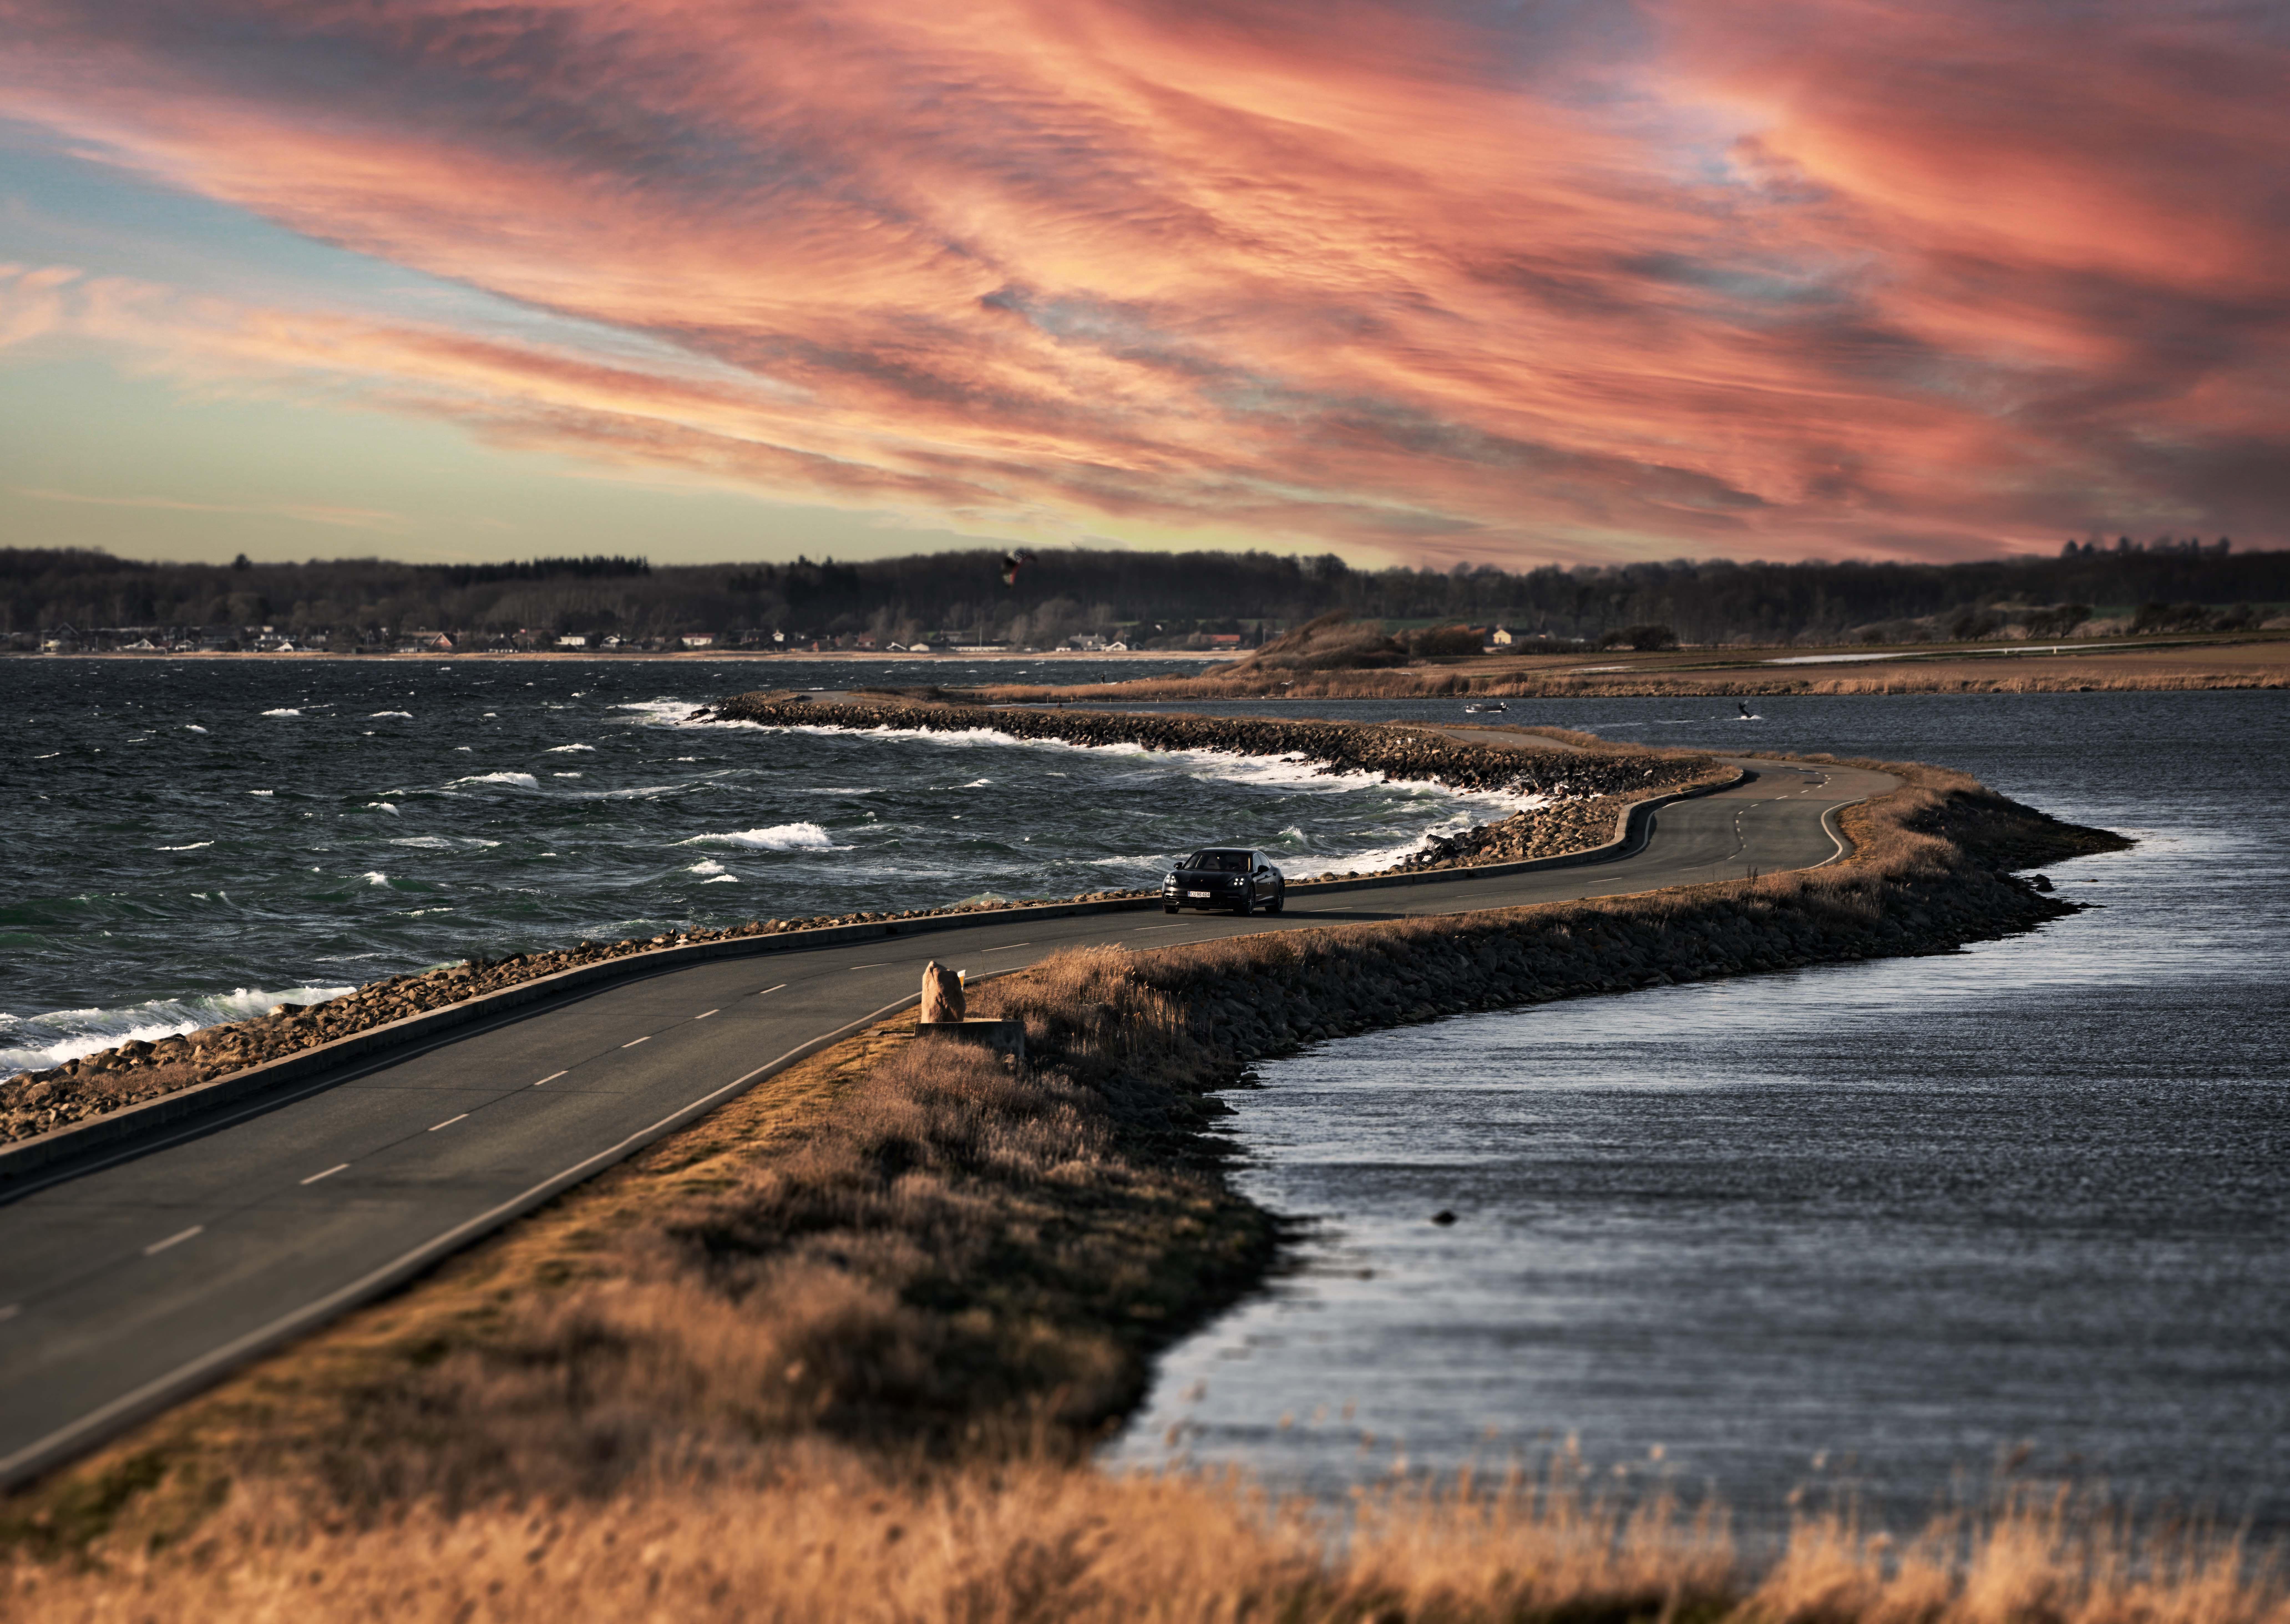 Bil kører på vej med hav på begge sider